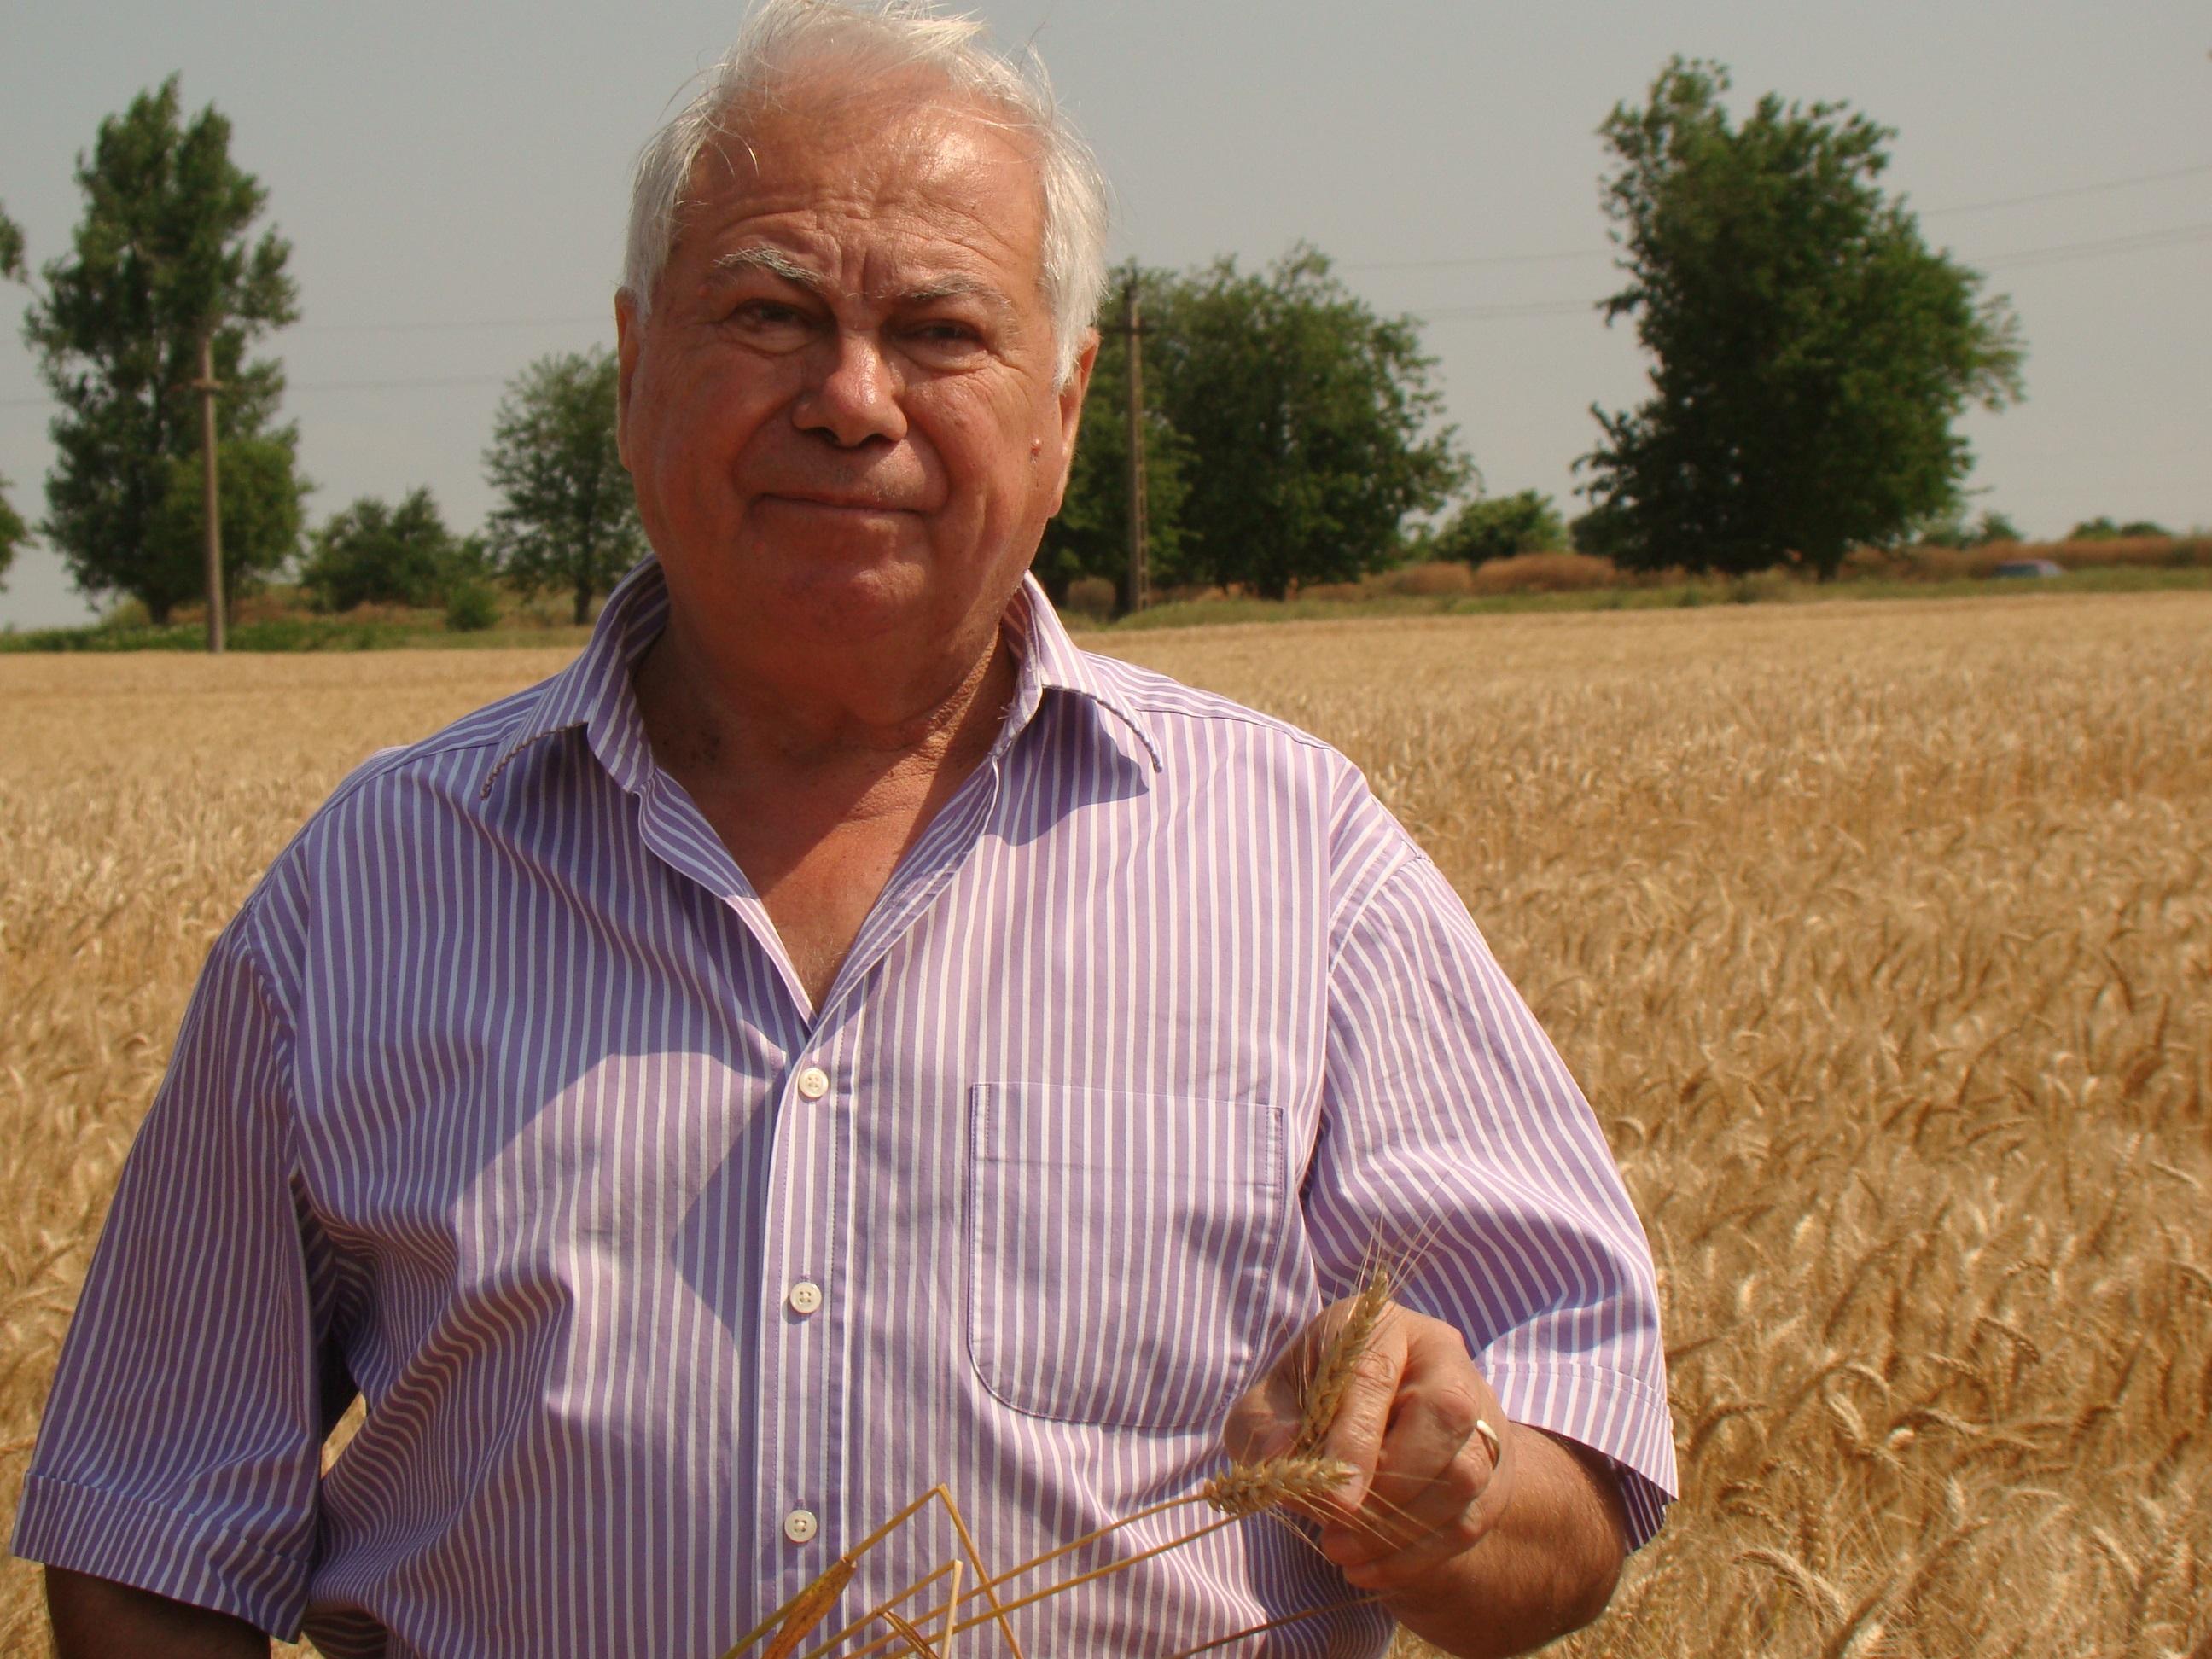 G. Nitu, Agrozootehnica Mihailesti, isi face planuri de 12 tone/ha la grau, cu un soi frantuzesc